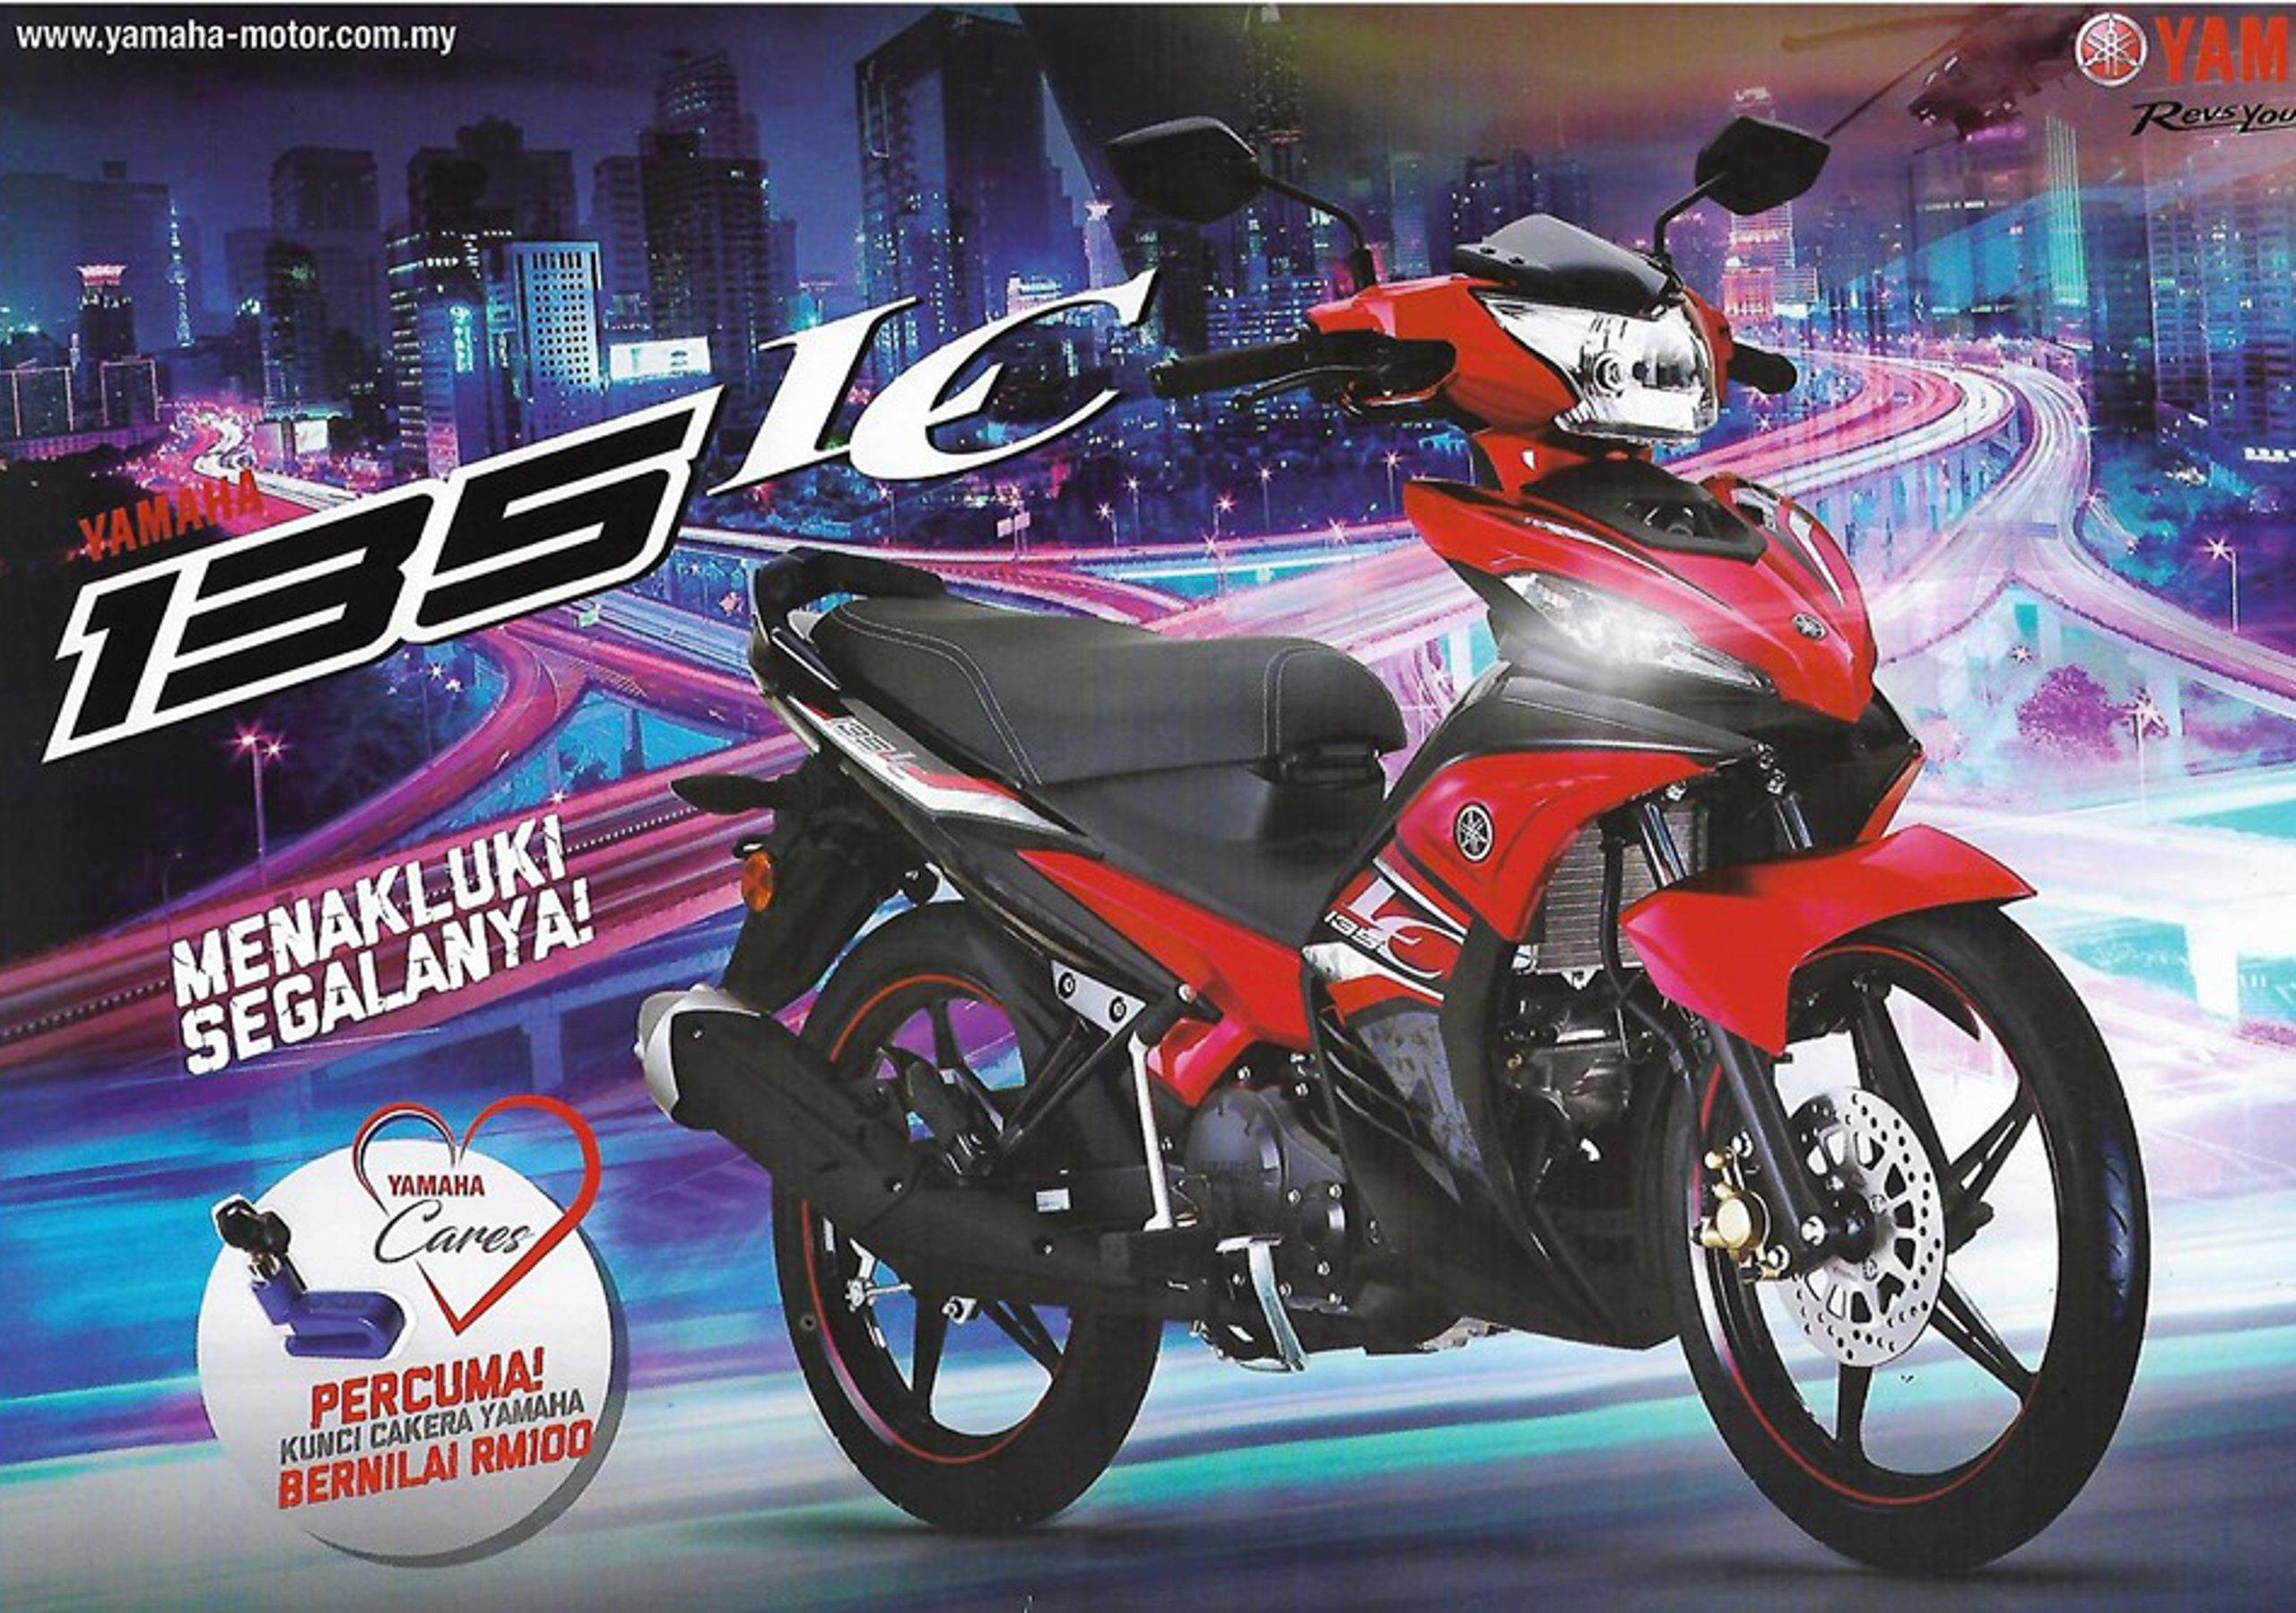 Yamaha LC135 V6 - risalah sudah diedar, harga naik?